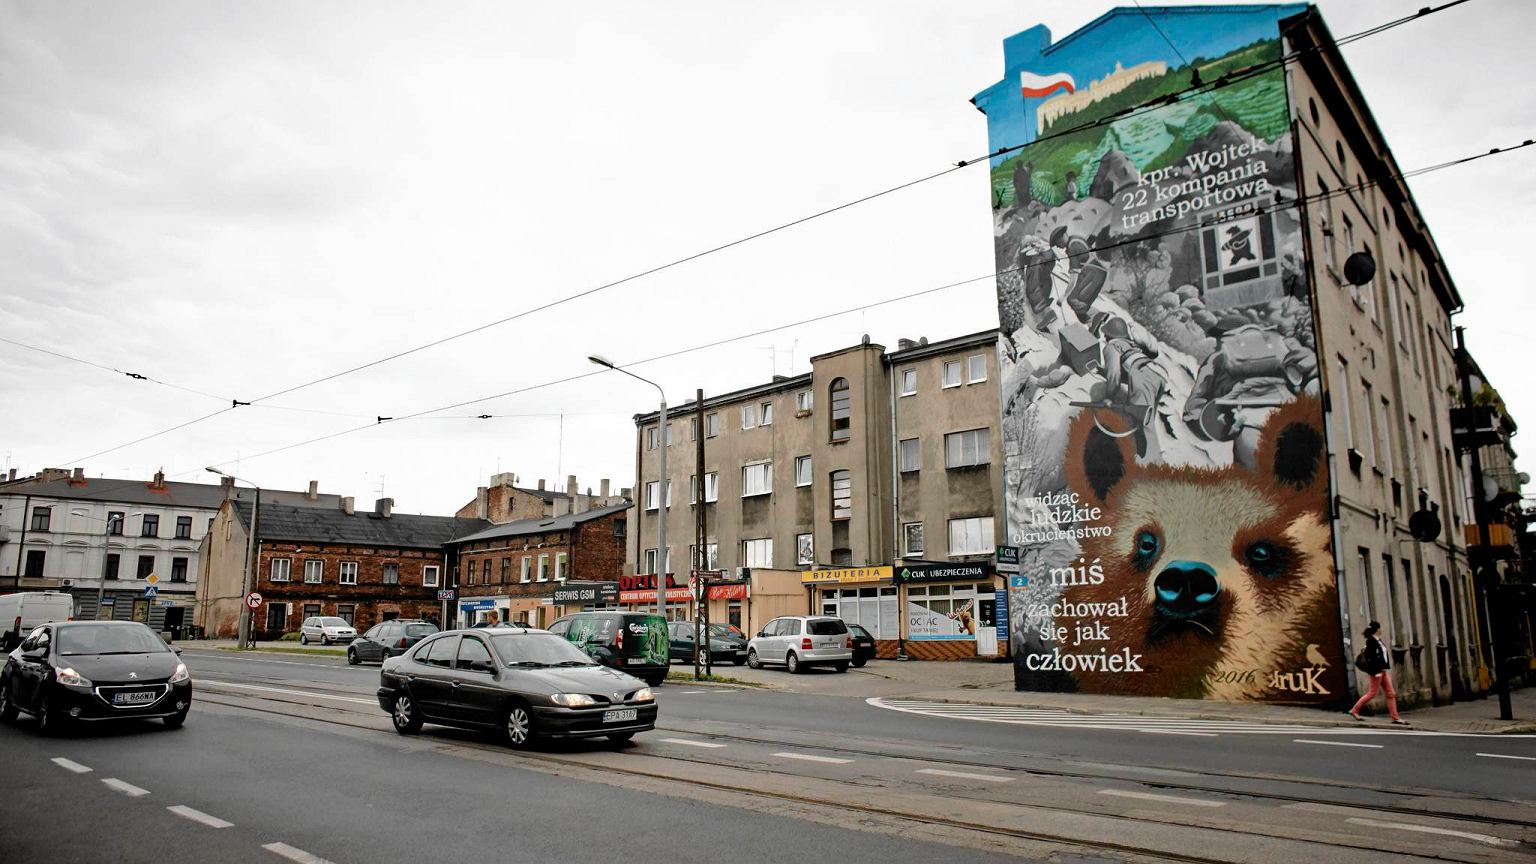 Mi wojtek zerka ze ciany historyczny mural w pabianicach for Mural z papiezem franciszkiem